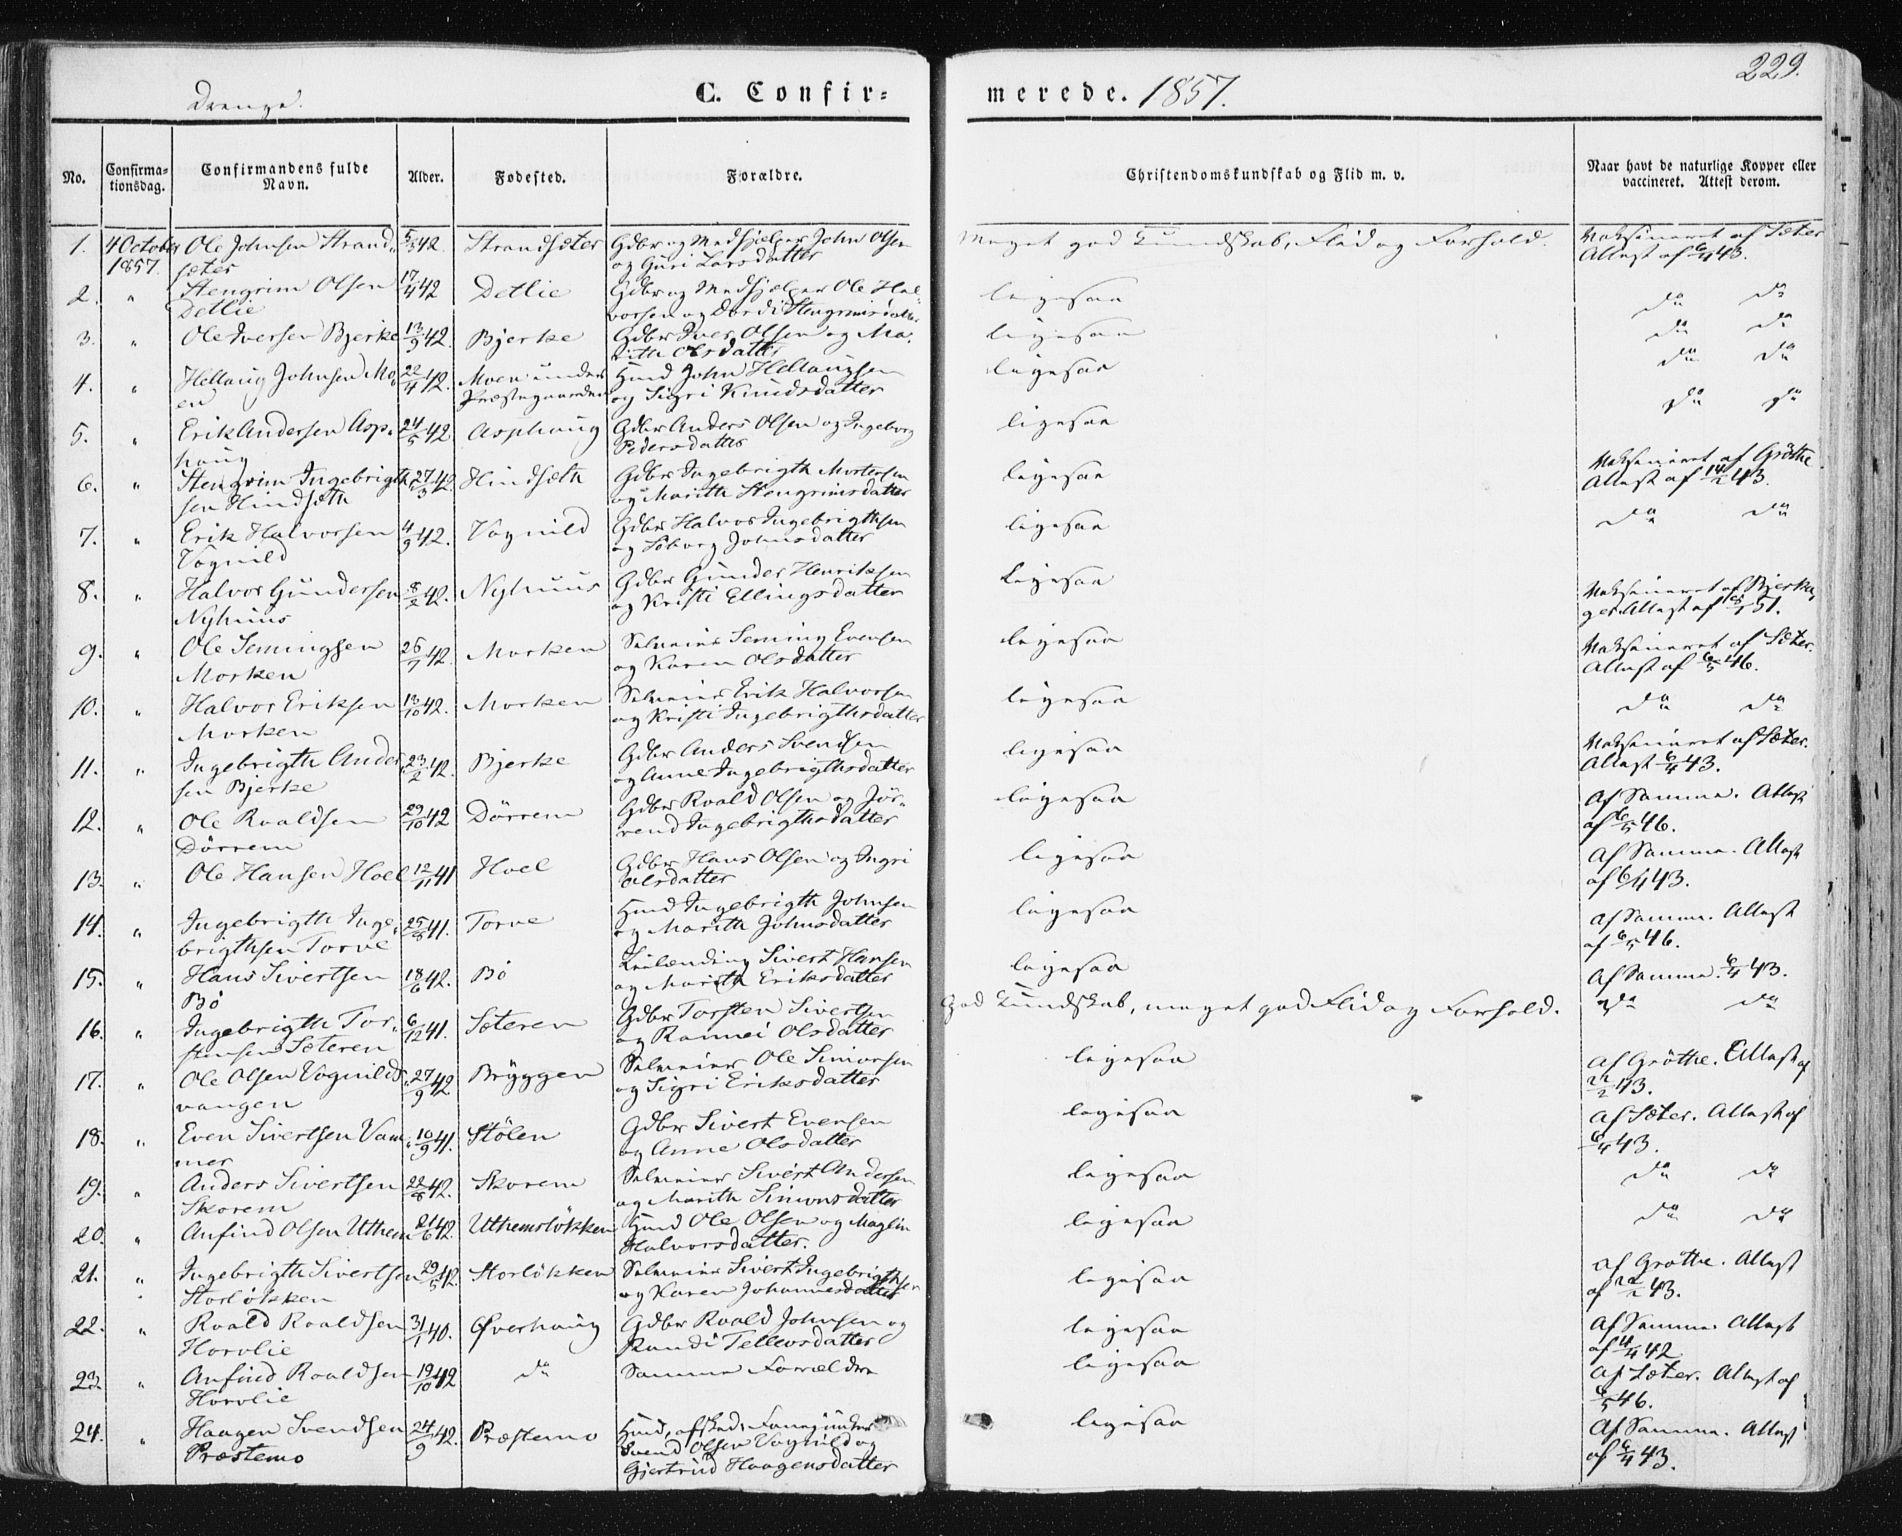 SAT, Ministerialprotokoller, klokkerbøker og fødselsregistre - Sør-Trøndelag, 678/L0899: Ministerialbok nr. 678A08, 1848-1872, s. 229